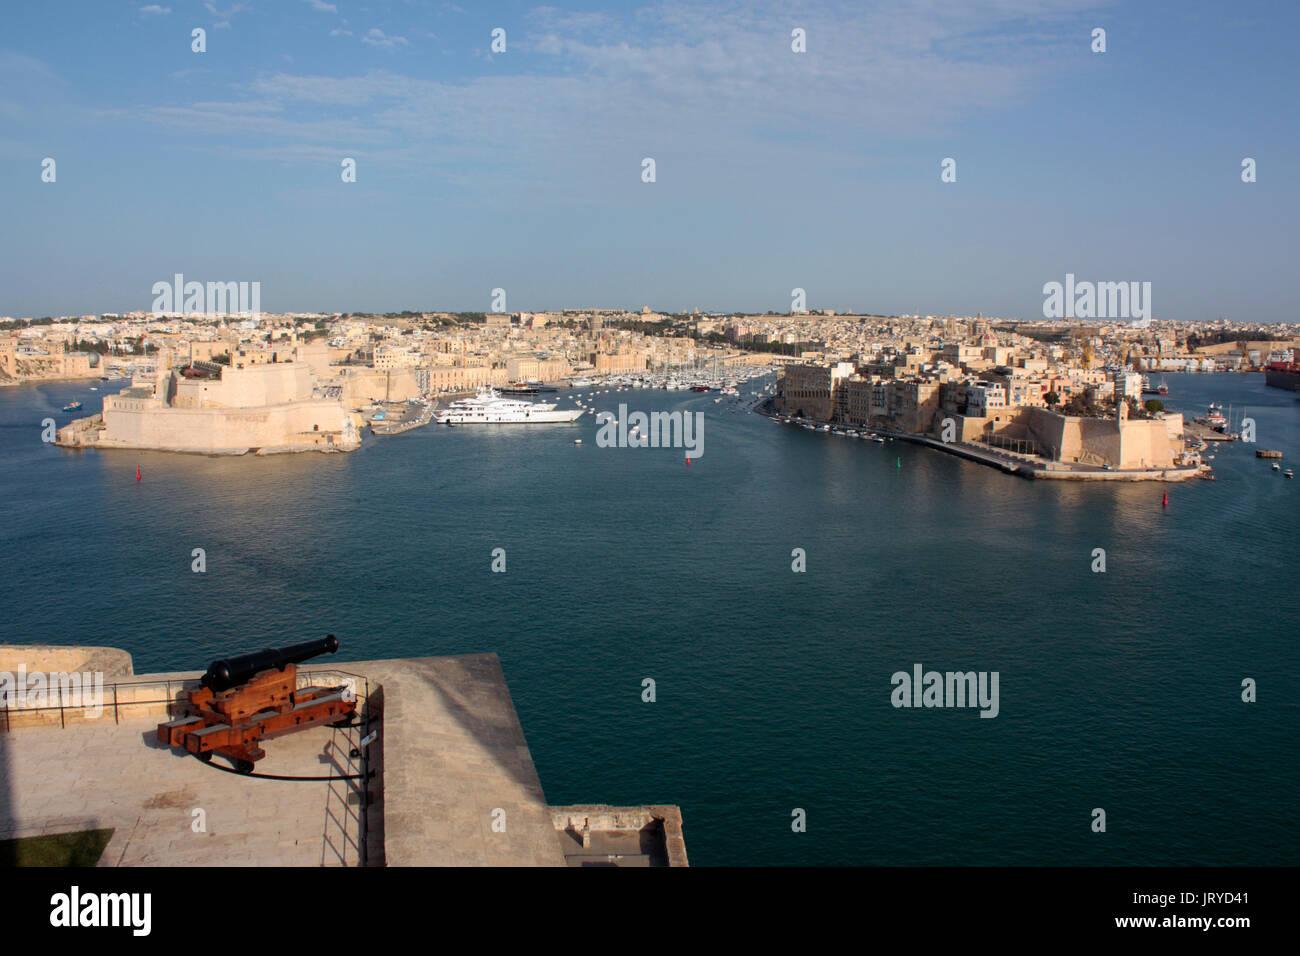 Le Grand Port de Malte, une destination méditerranéenne historique. Vue depuis la partie supérieure, La Valette Barrakka. Paysage urbain et de l'histoire maltaise. Photo Stock